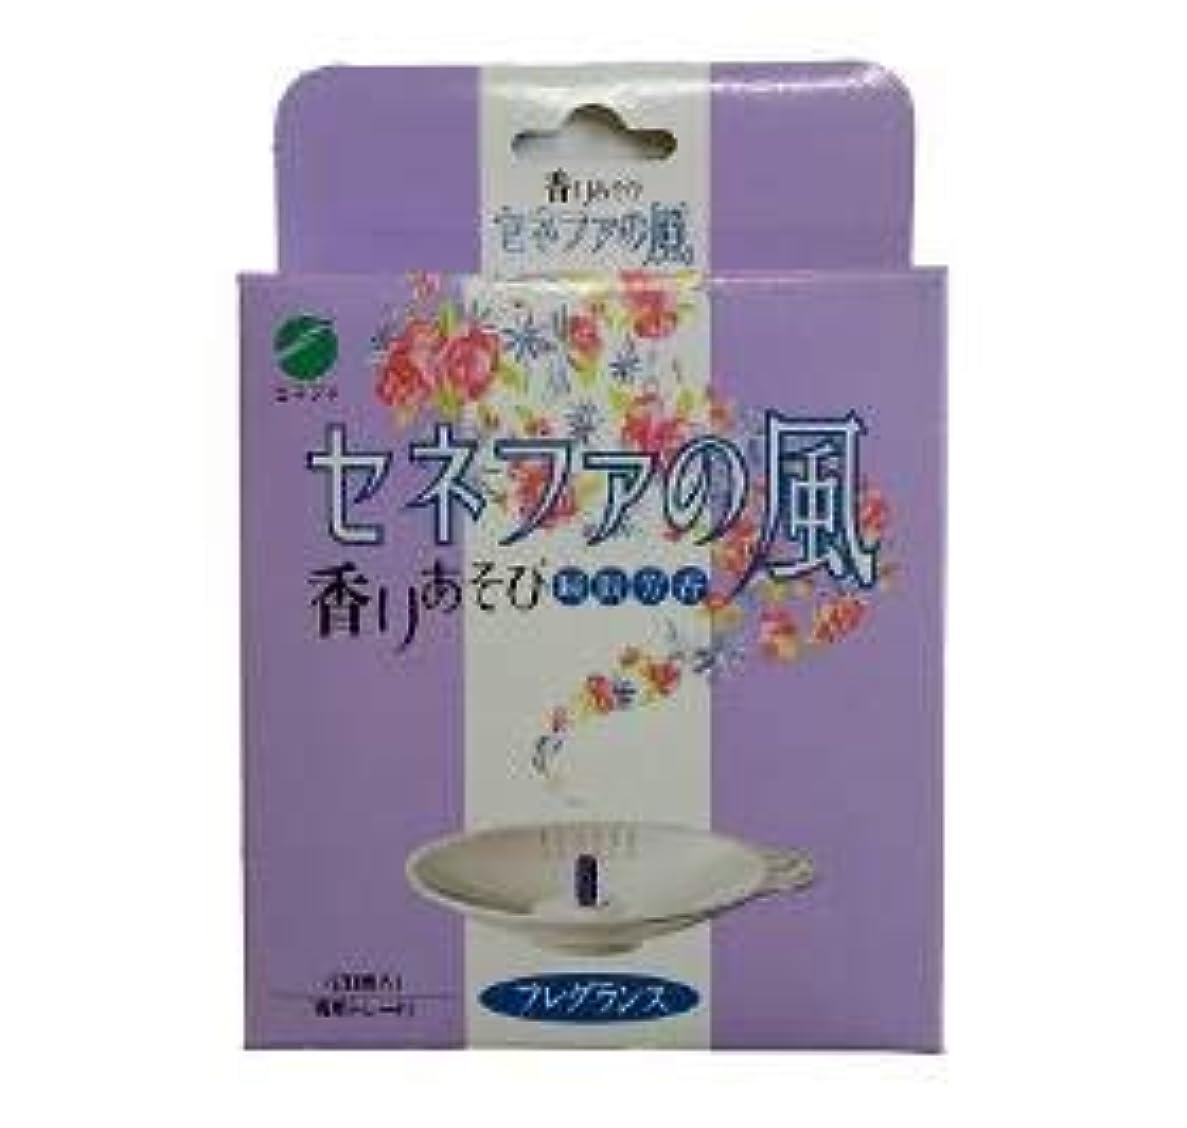 野望革新ケイ素せんねん灸 セネファの風 フレグランス(お香)(20香入)